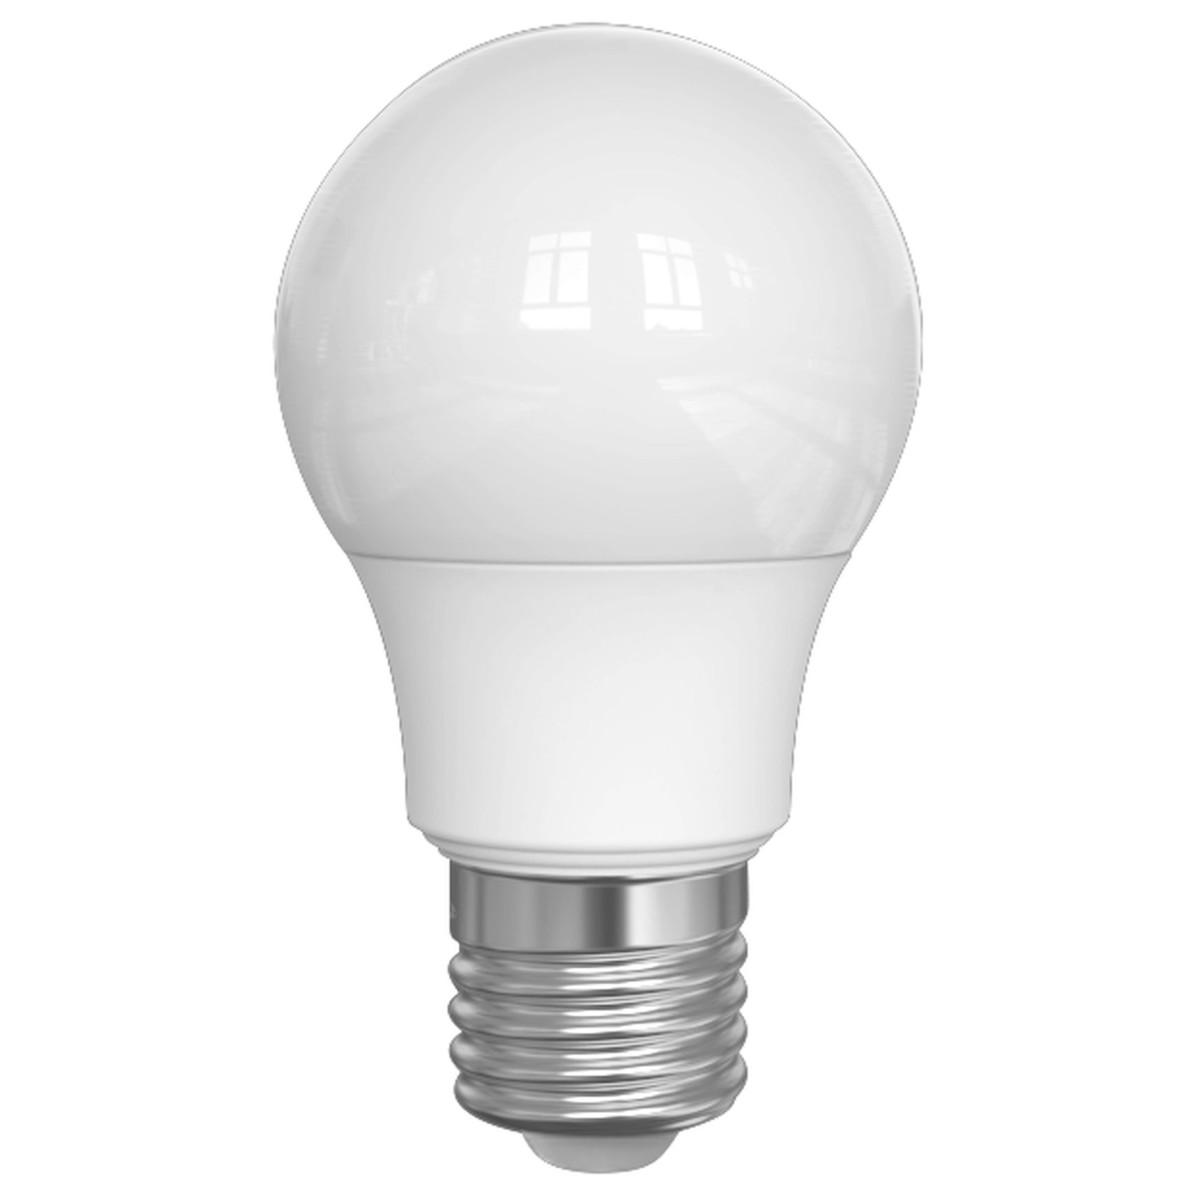 Лампа Ecola light светодионая E27 7 Вт груша 490 Лм теплый свет